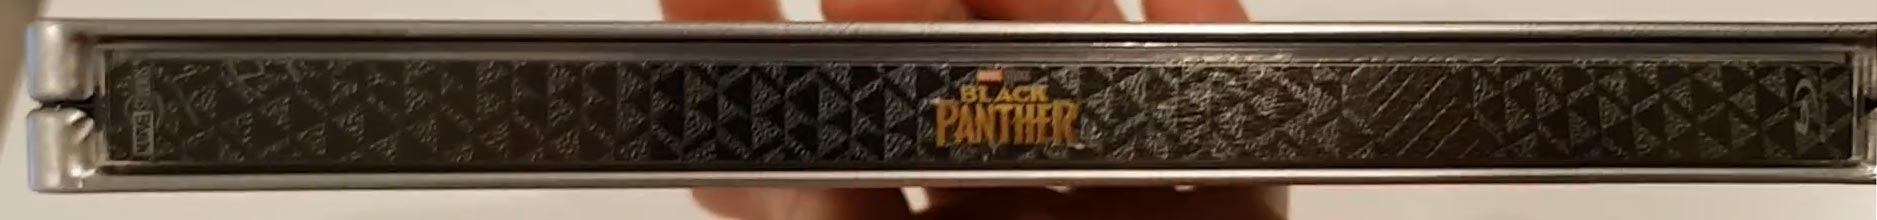 Black-Panther-steelbook-6